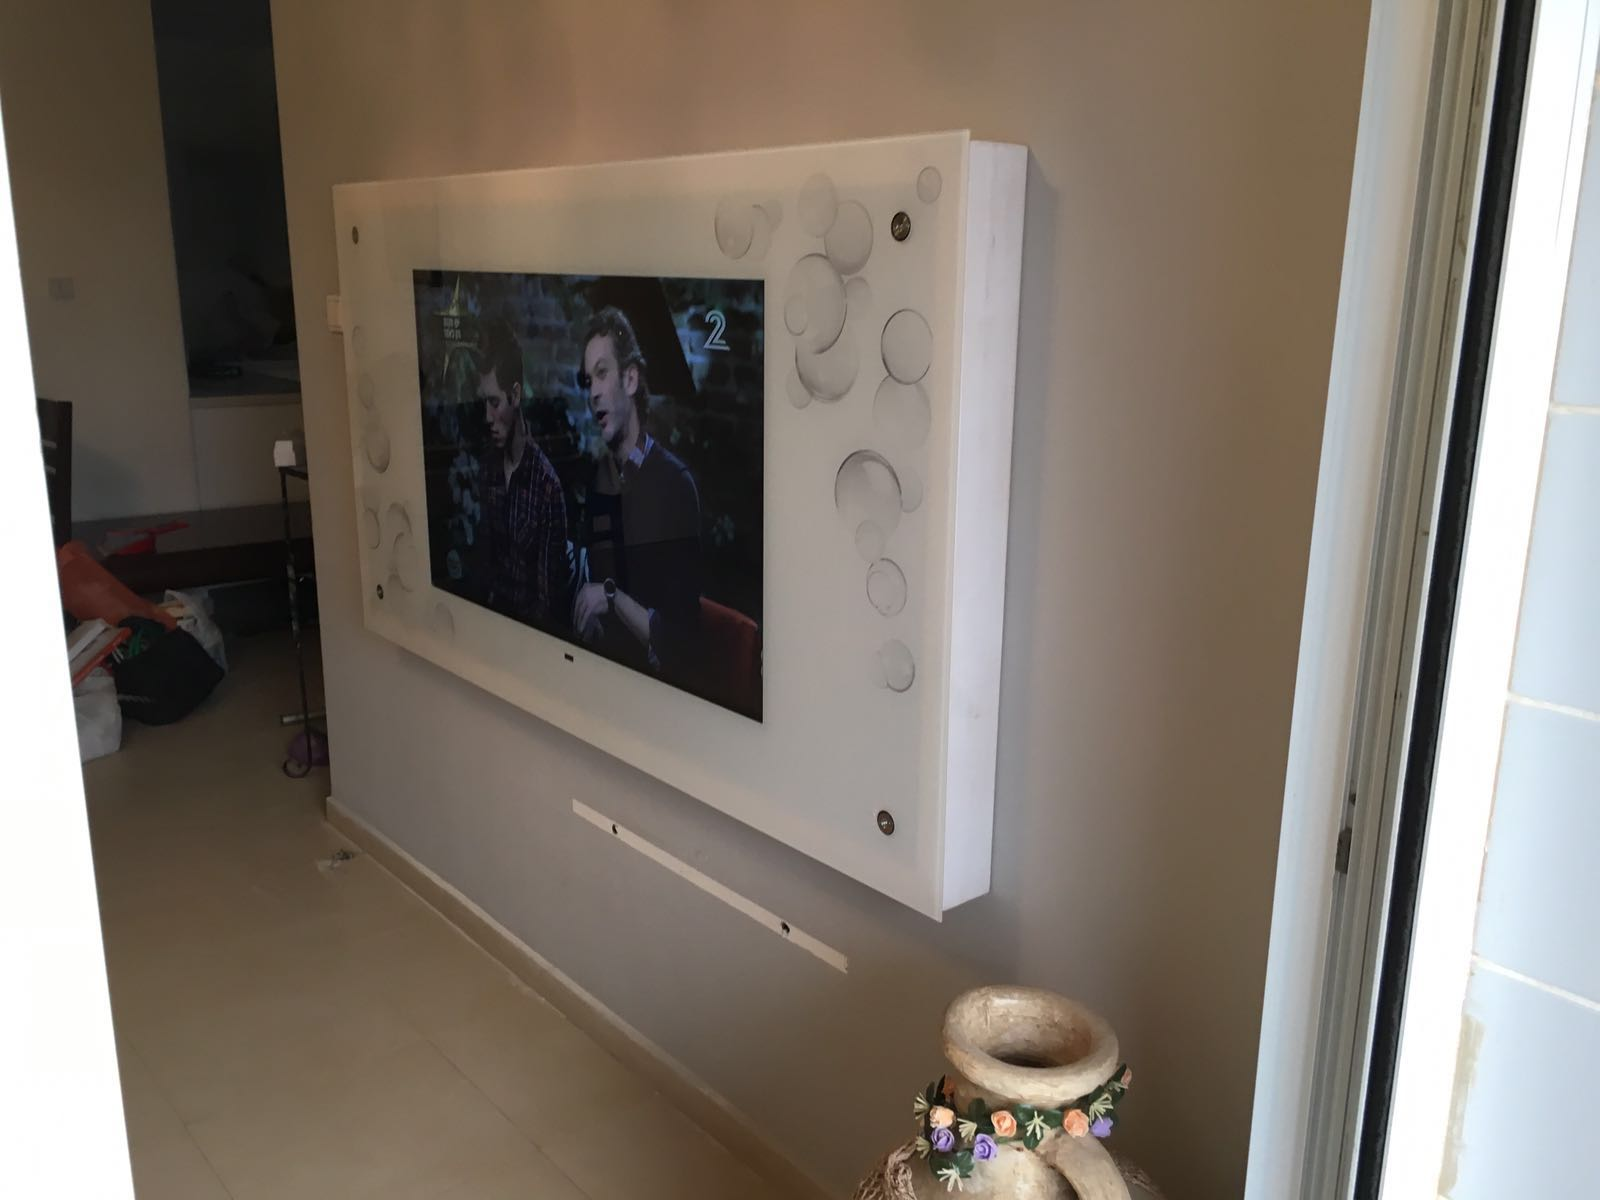 התקנת טלוויזיה בזכוכית מחוסמת